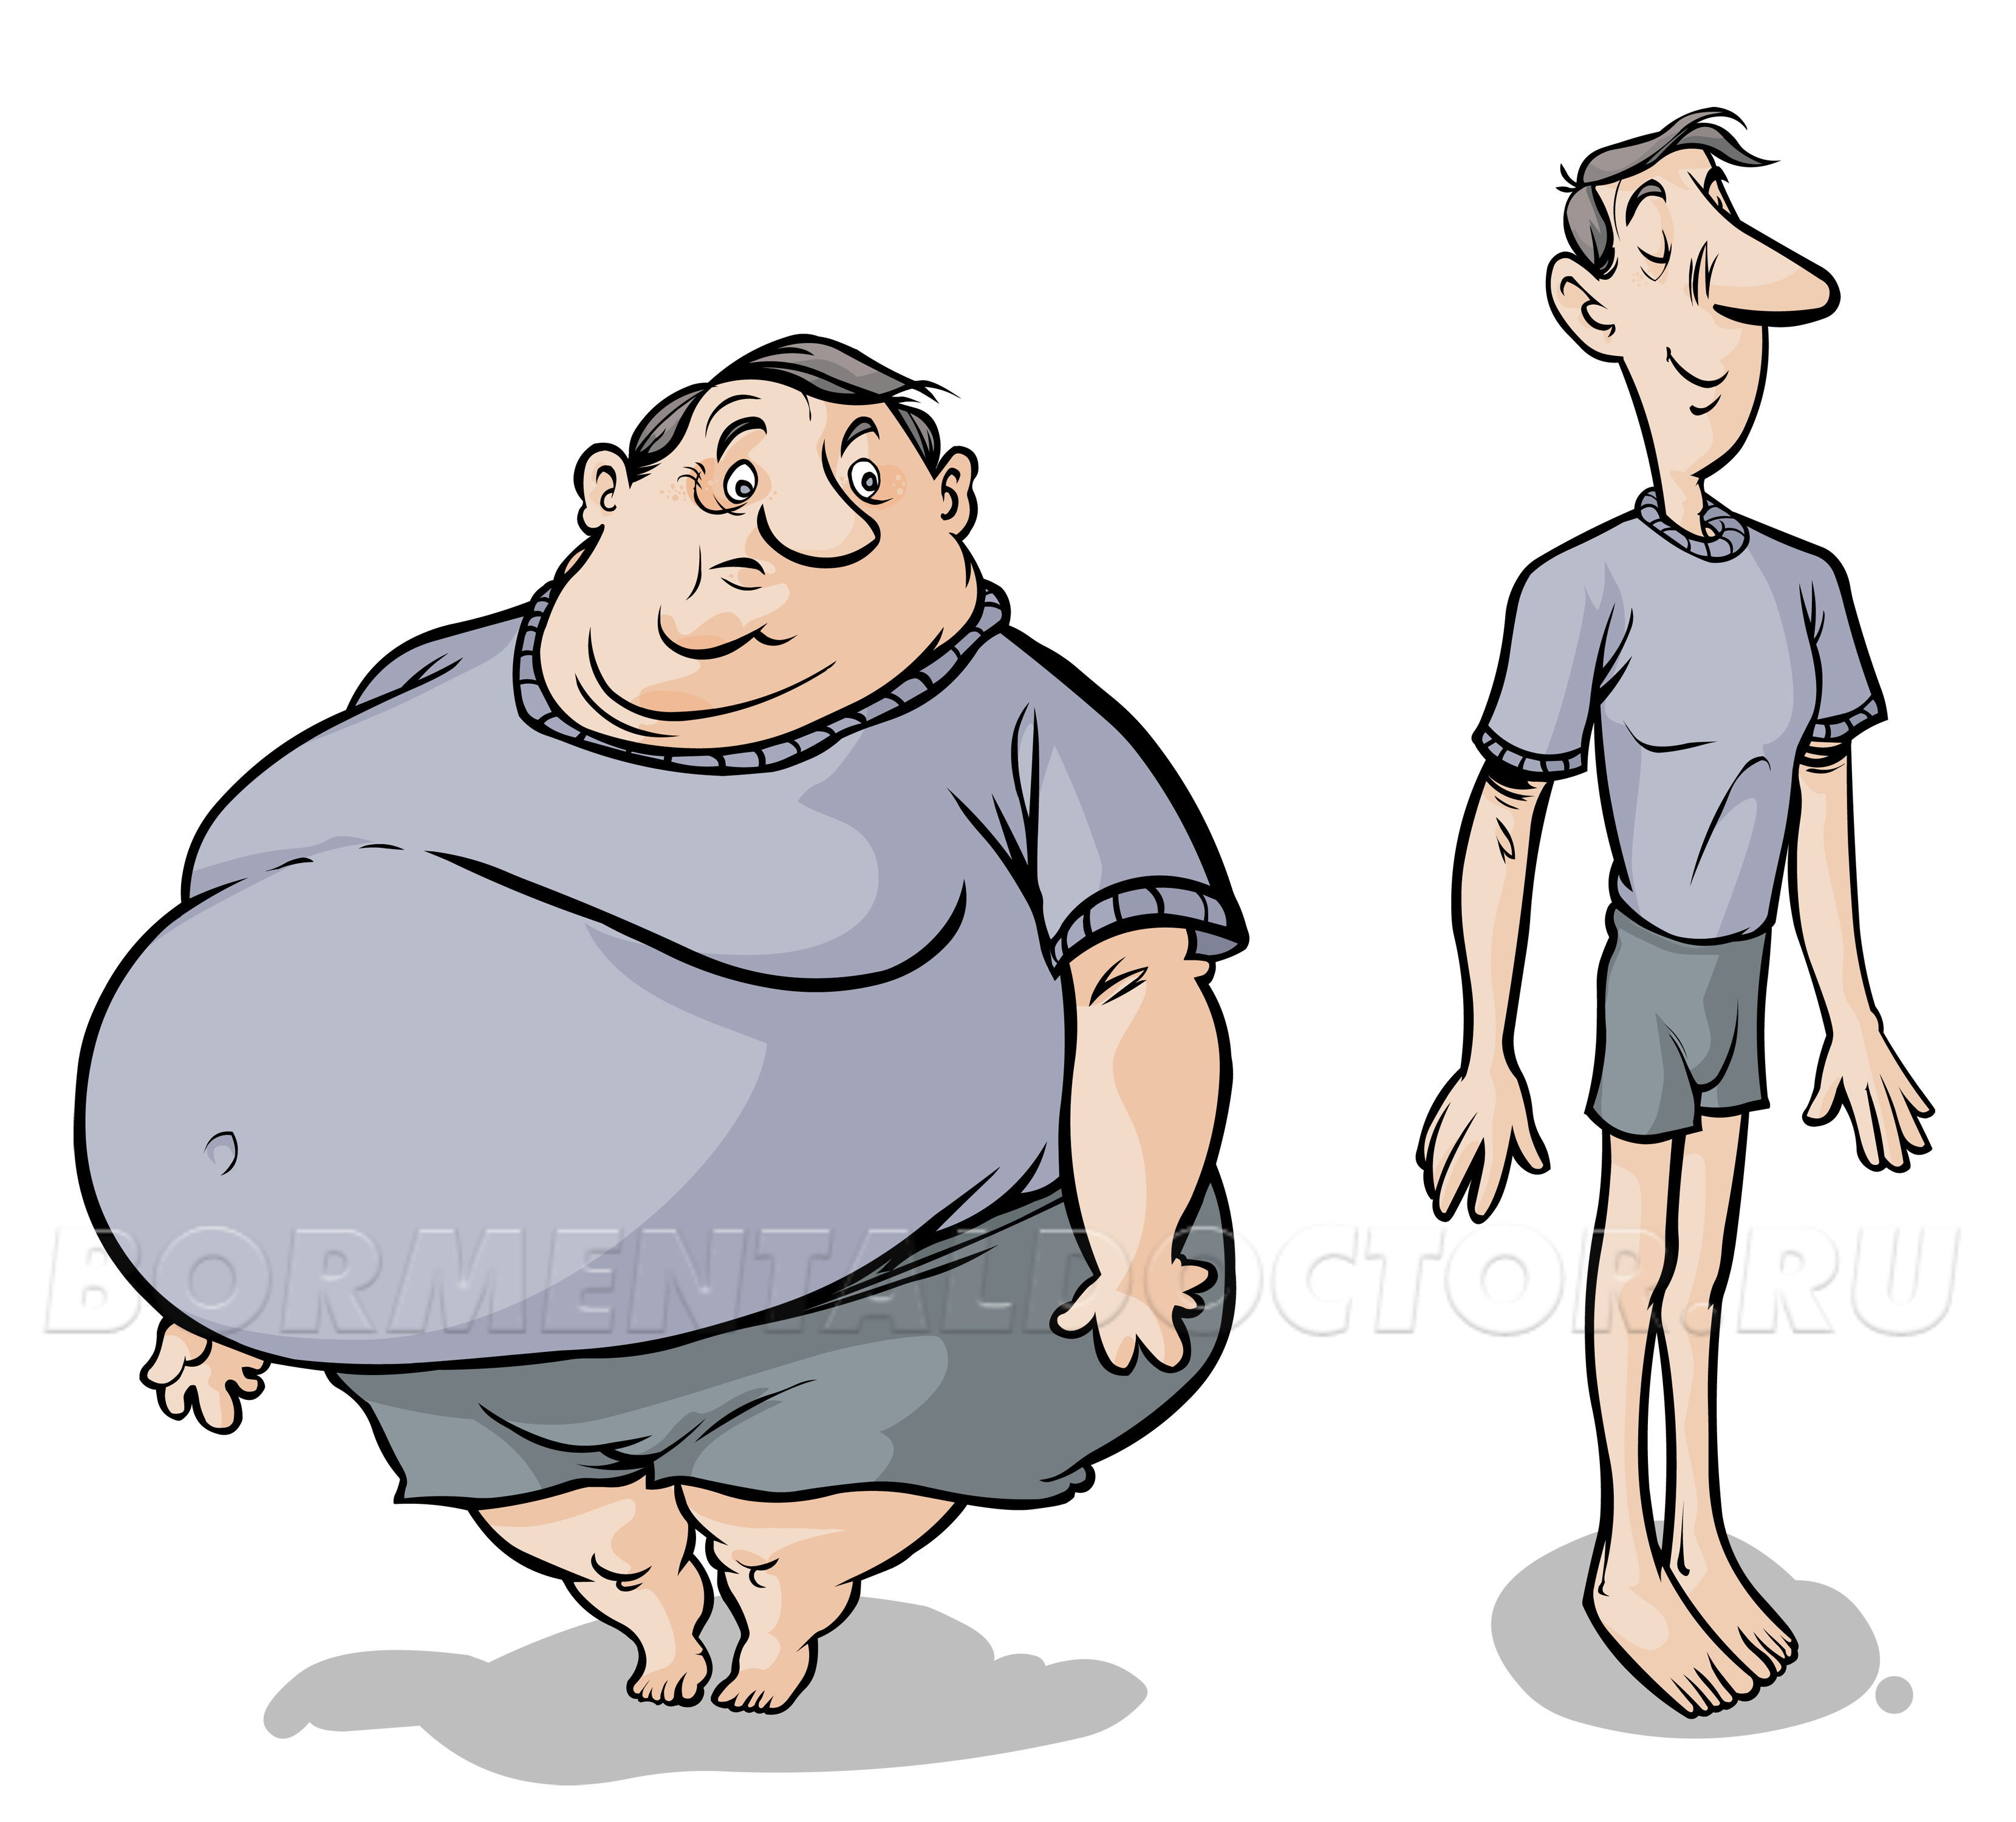 Бактерии толстых лучше переваривают пищу, а у худых людей большая часть еды идет в отходы